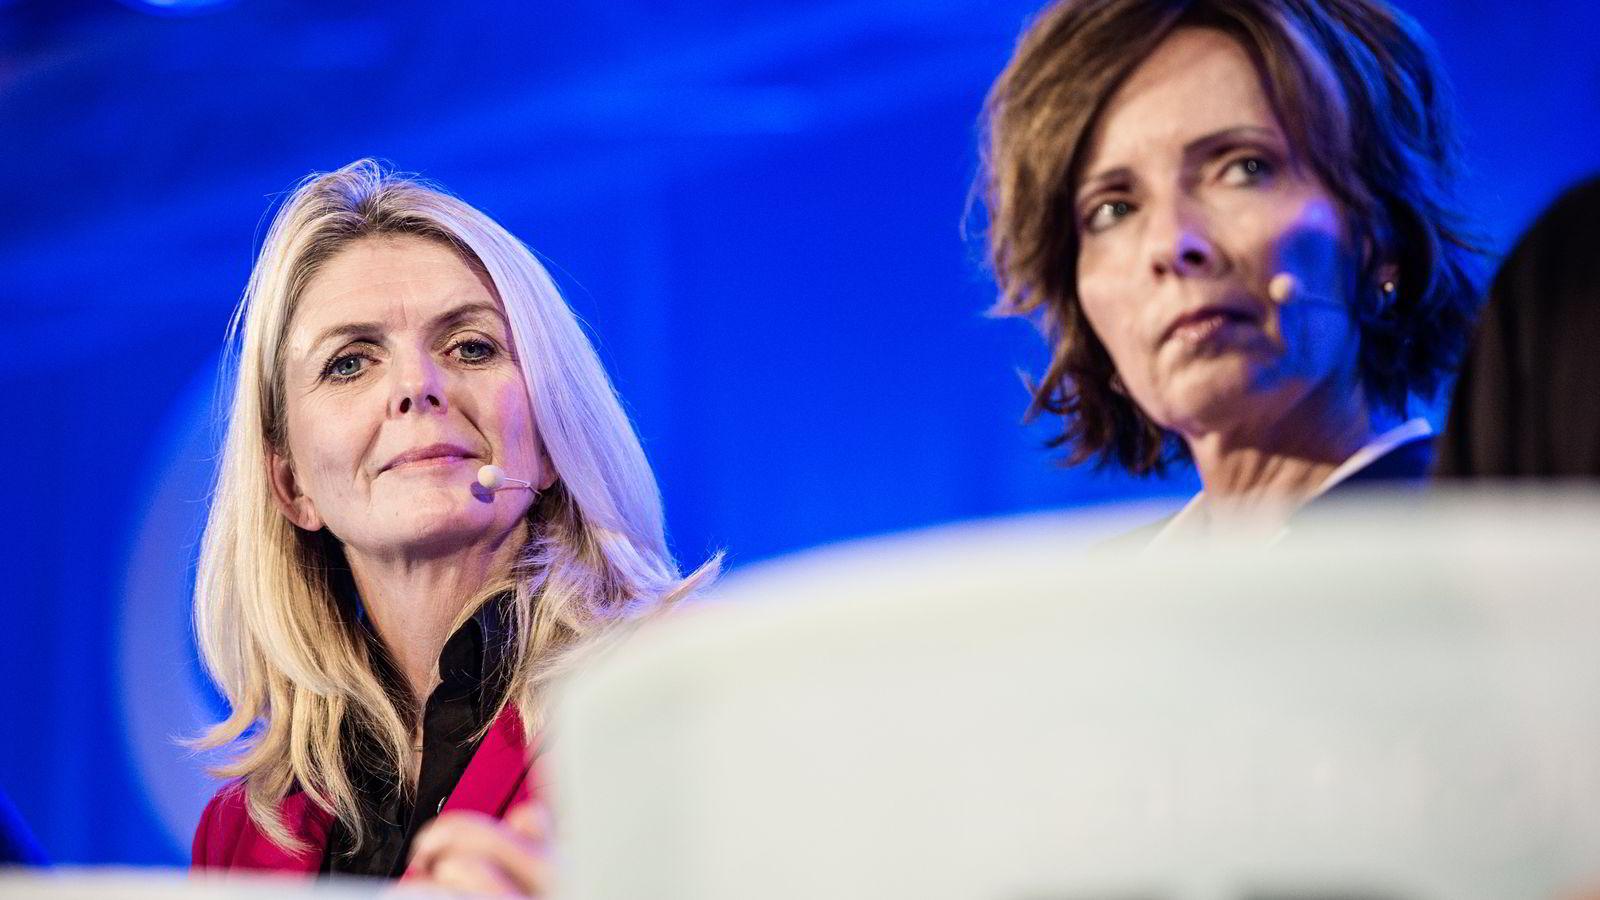 SAVNER LIDENSKAP. Konserndirektør i Gjensidige Forsikring Cecilie Ditlev-Simonsen (t.v.) mener norske sjefer med fordel kan være mer lidenskapelige. Til høyre tidligere polititopp Hanne Kristin Rohde.